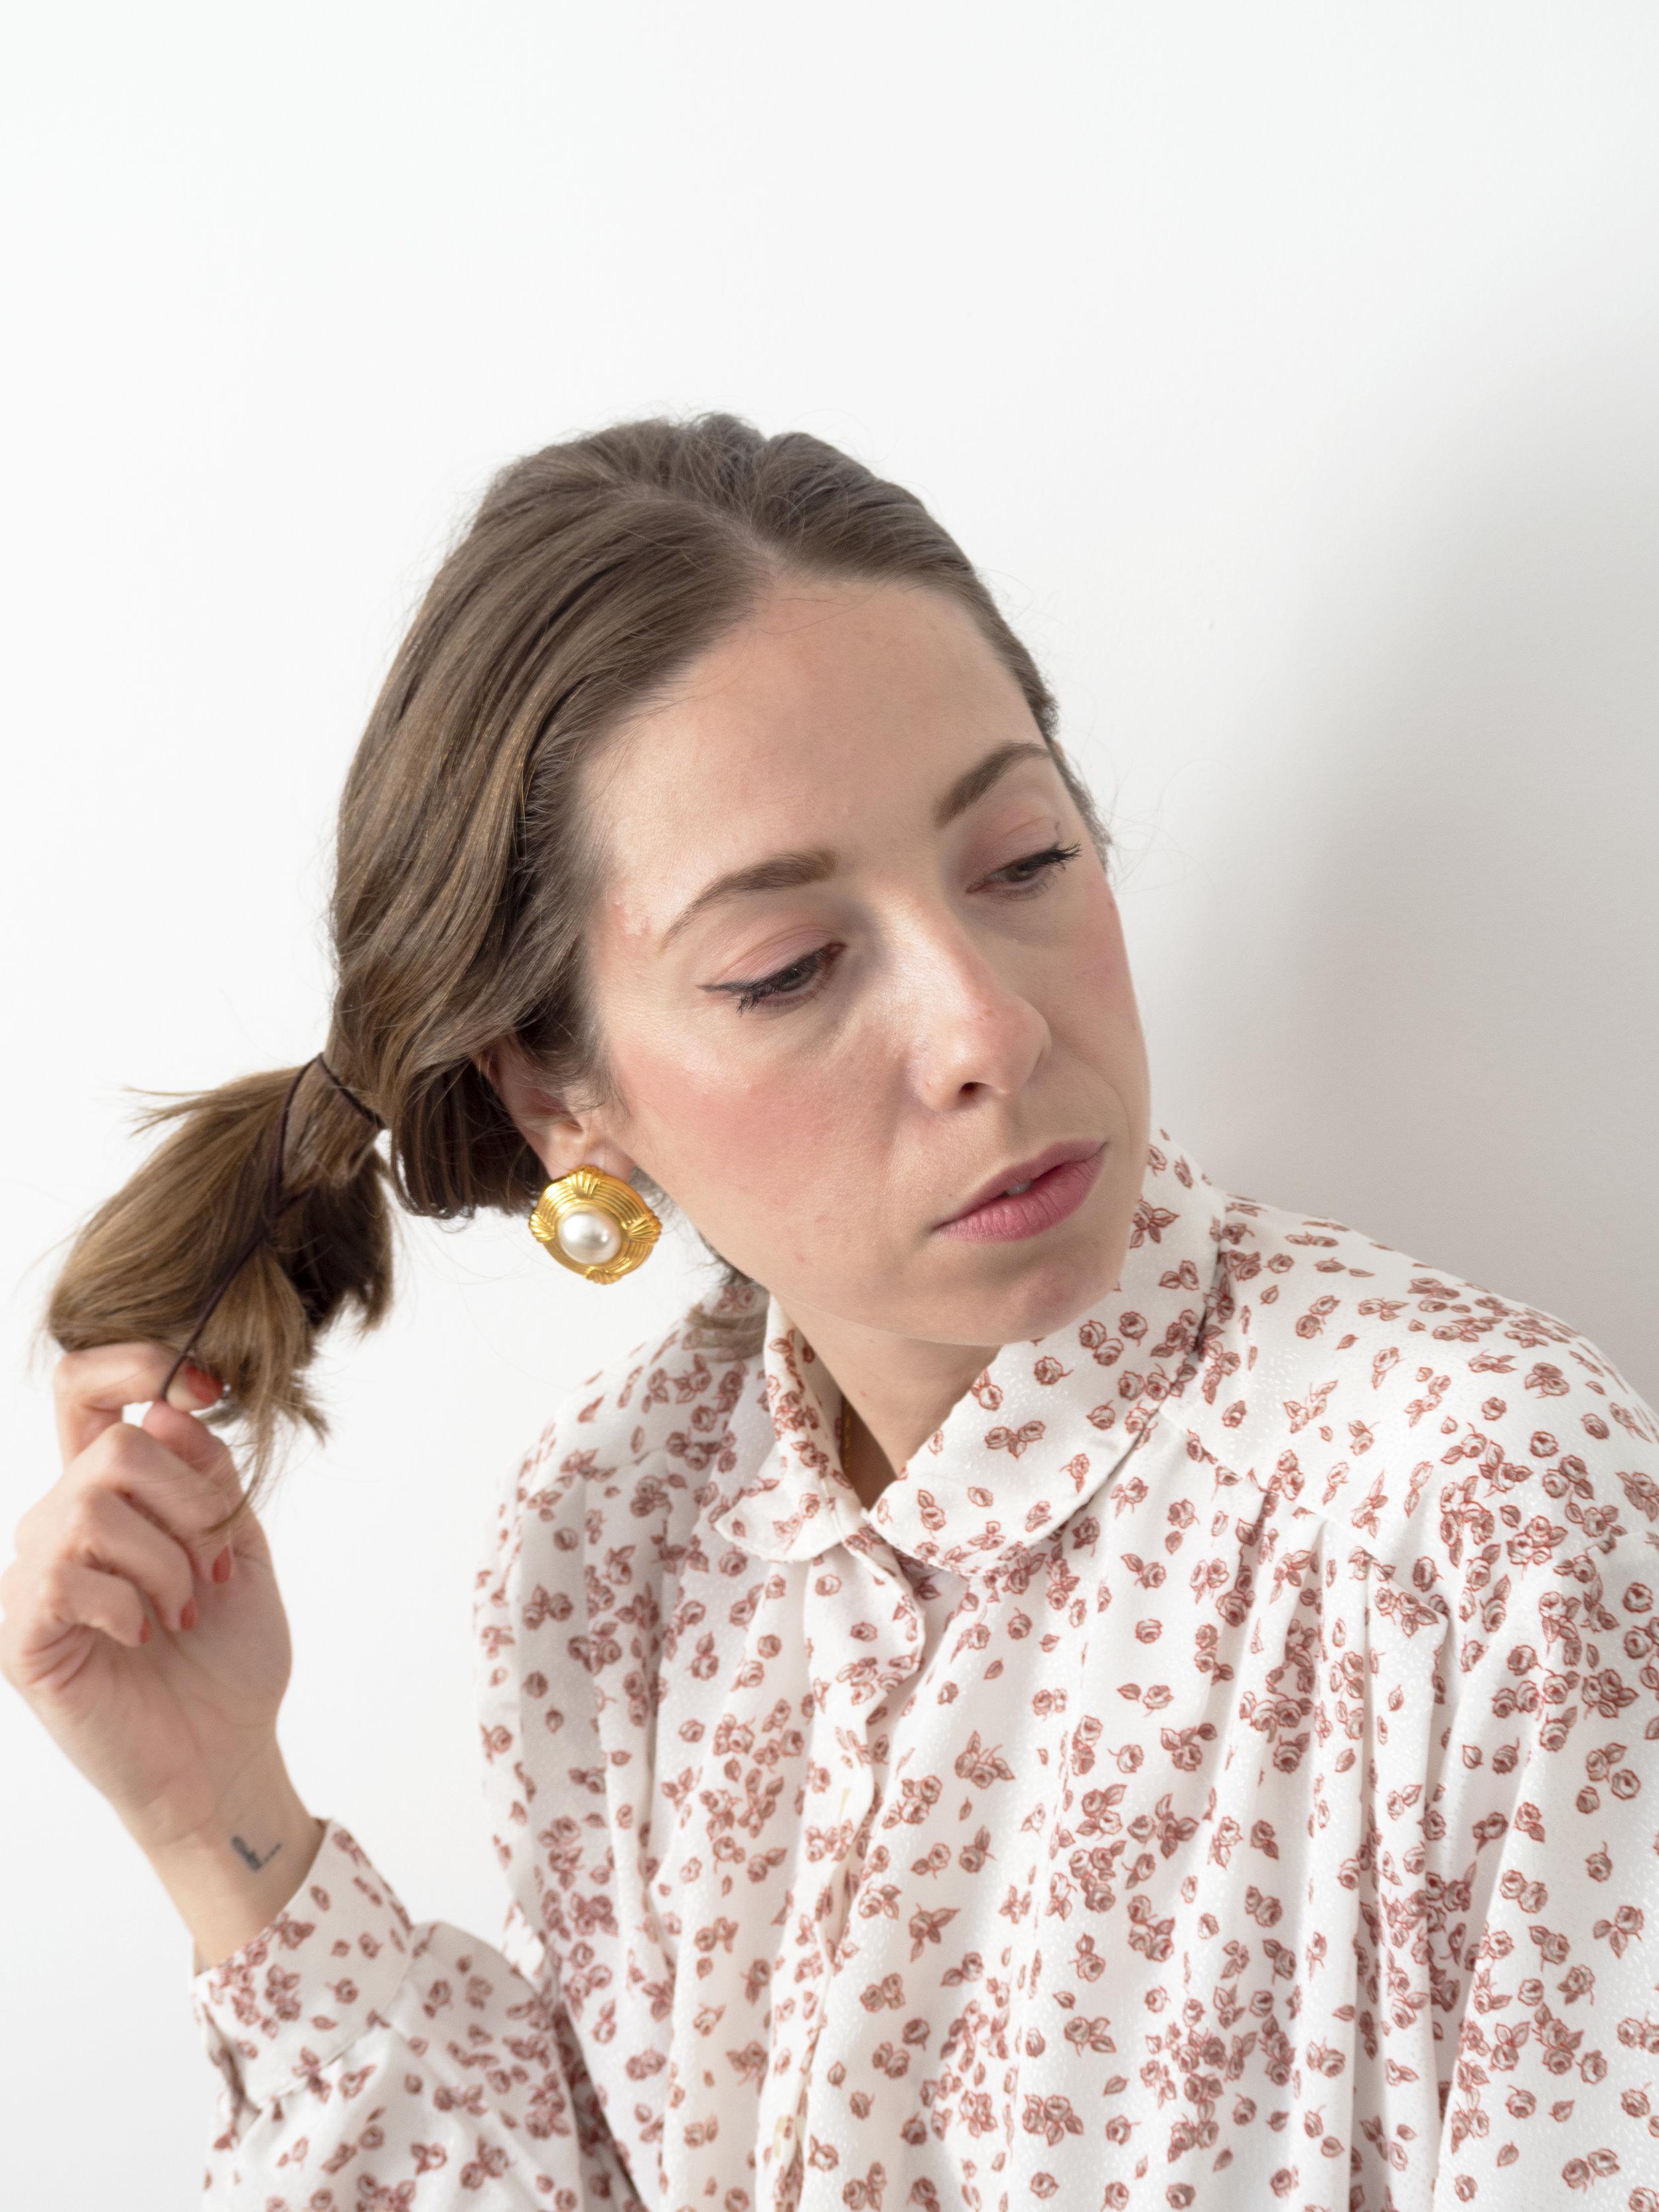 Flor de Lis. - Flor viste camisa y pendientes de Neko Vintage Clothes.